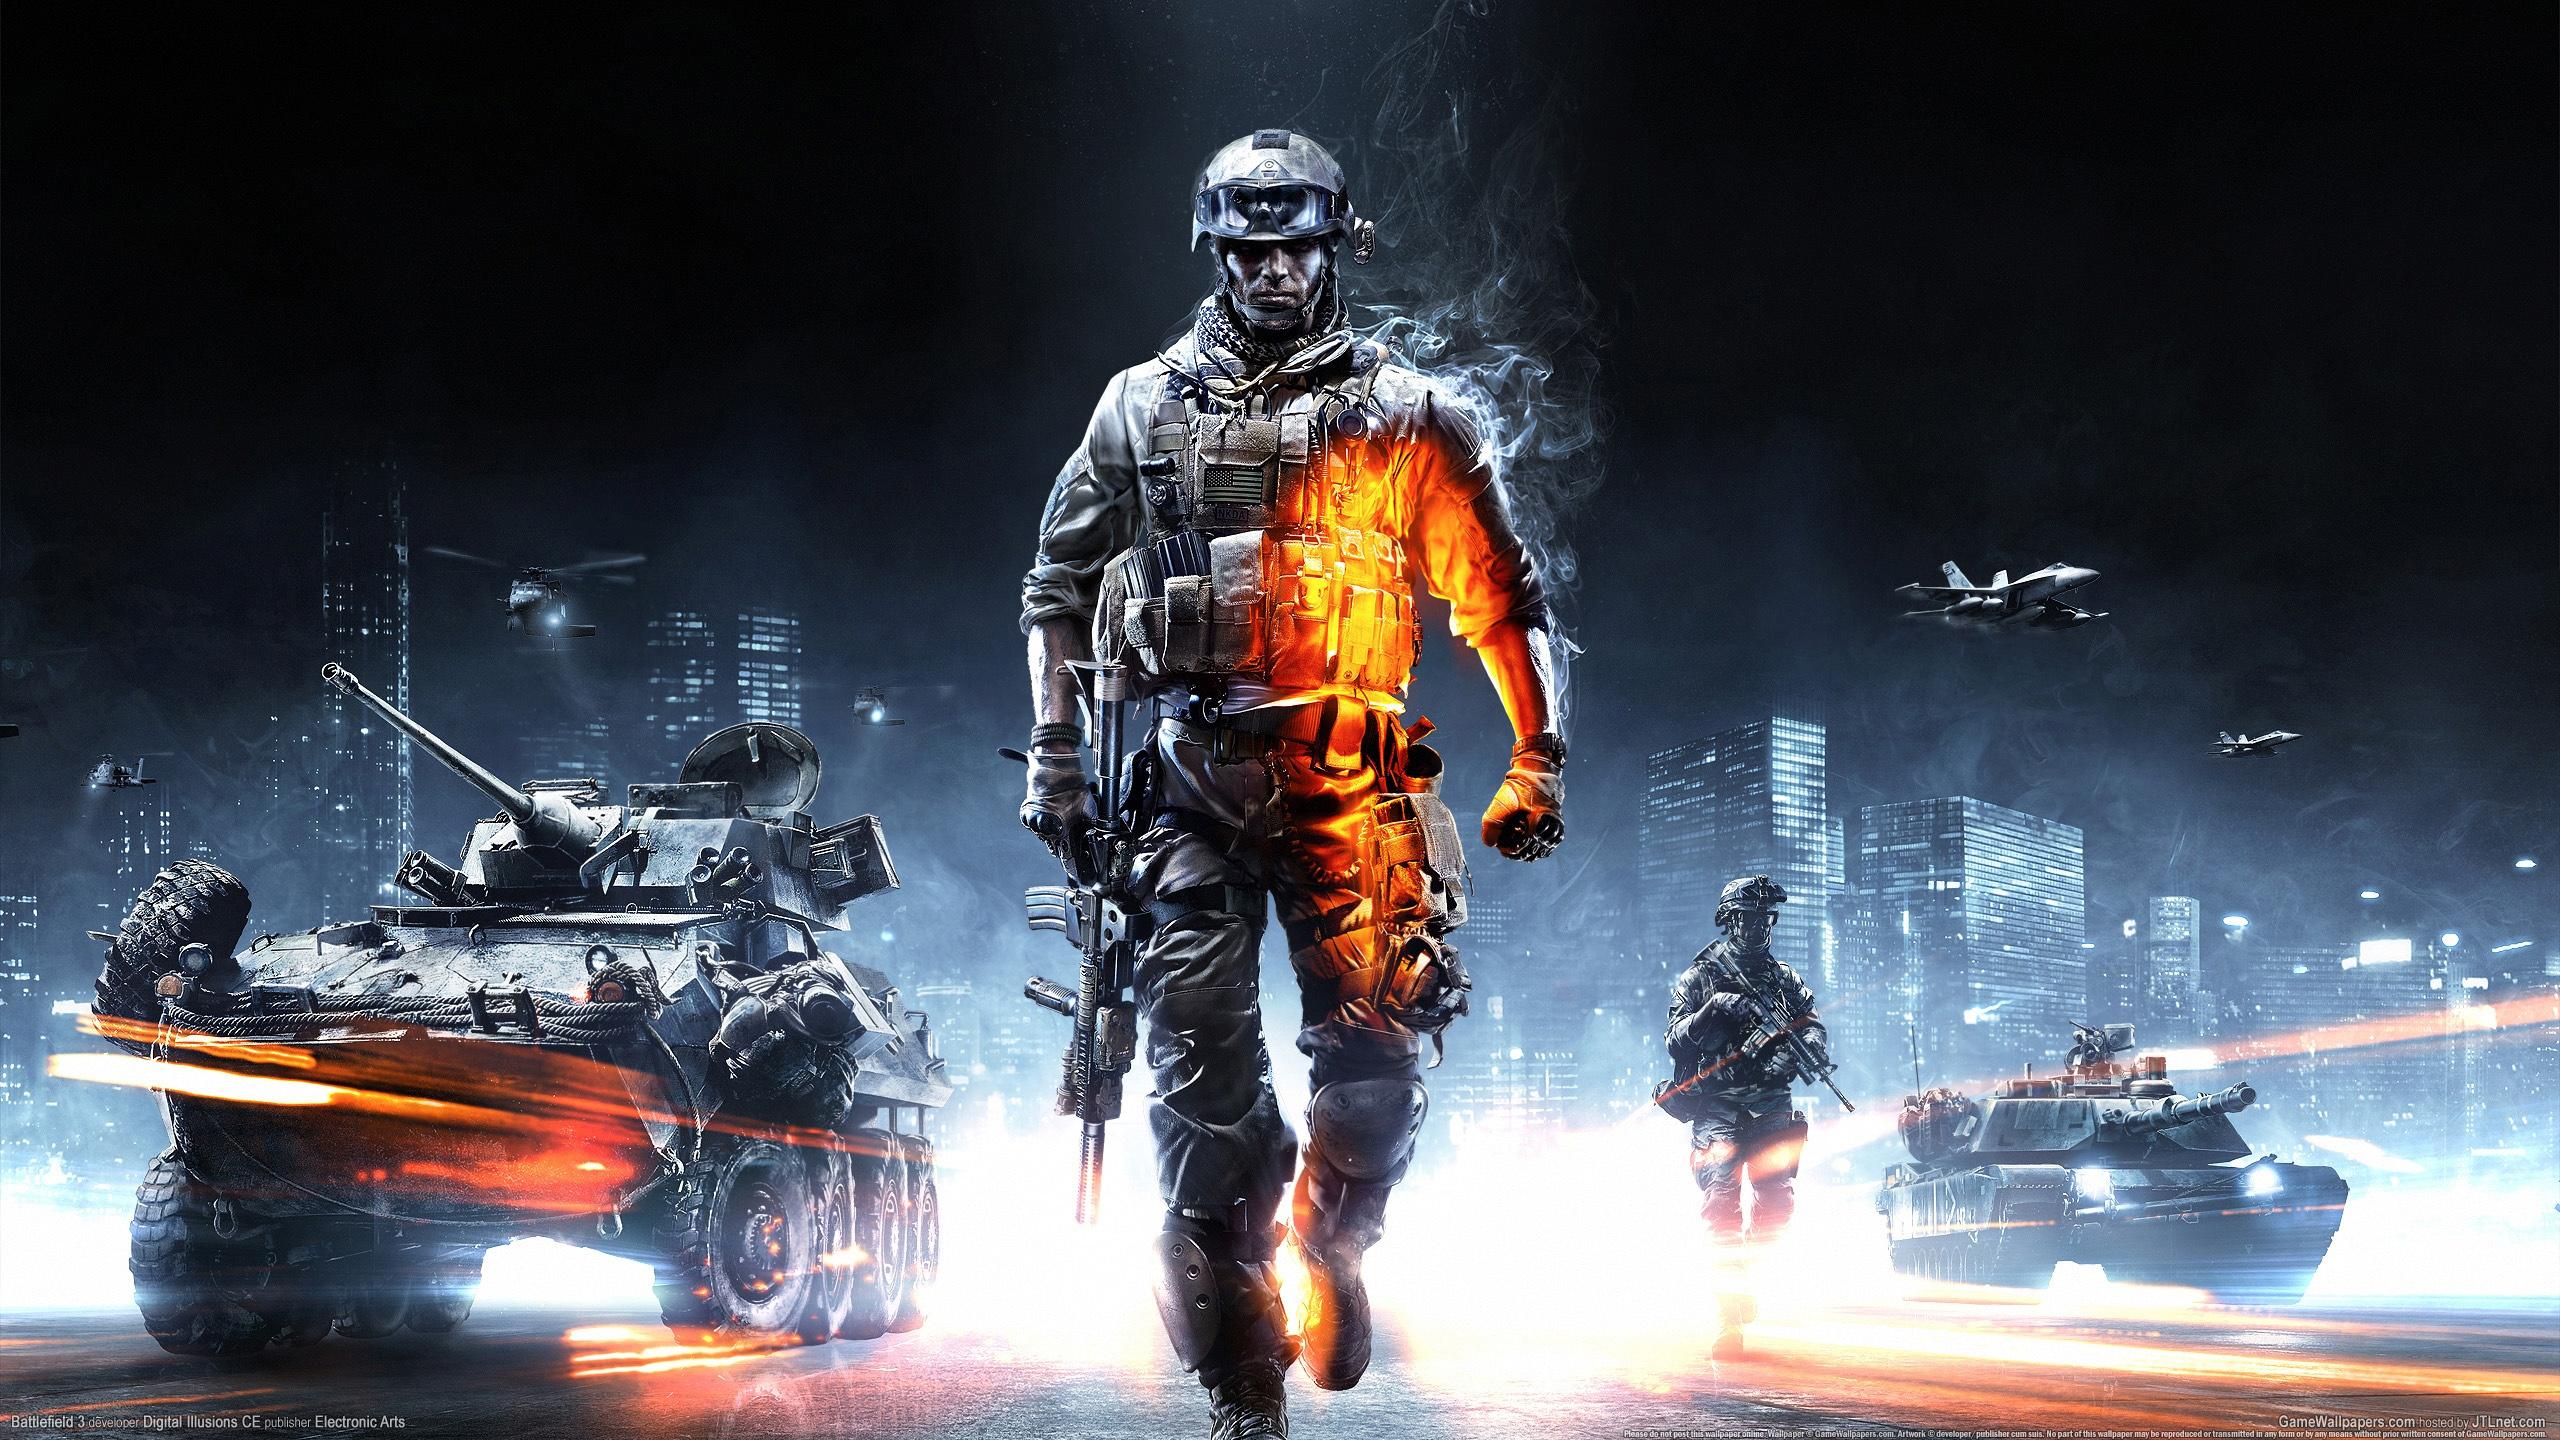 Battlefield 3 Wallpaper HD desktop wallpaper : Widescreen : High ...